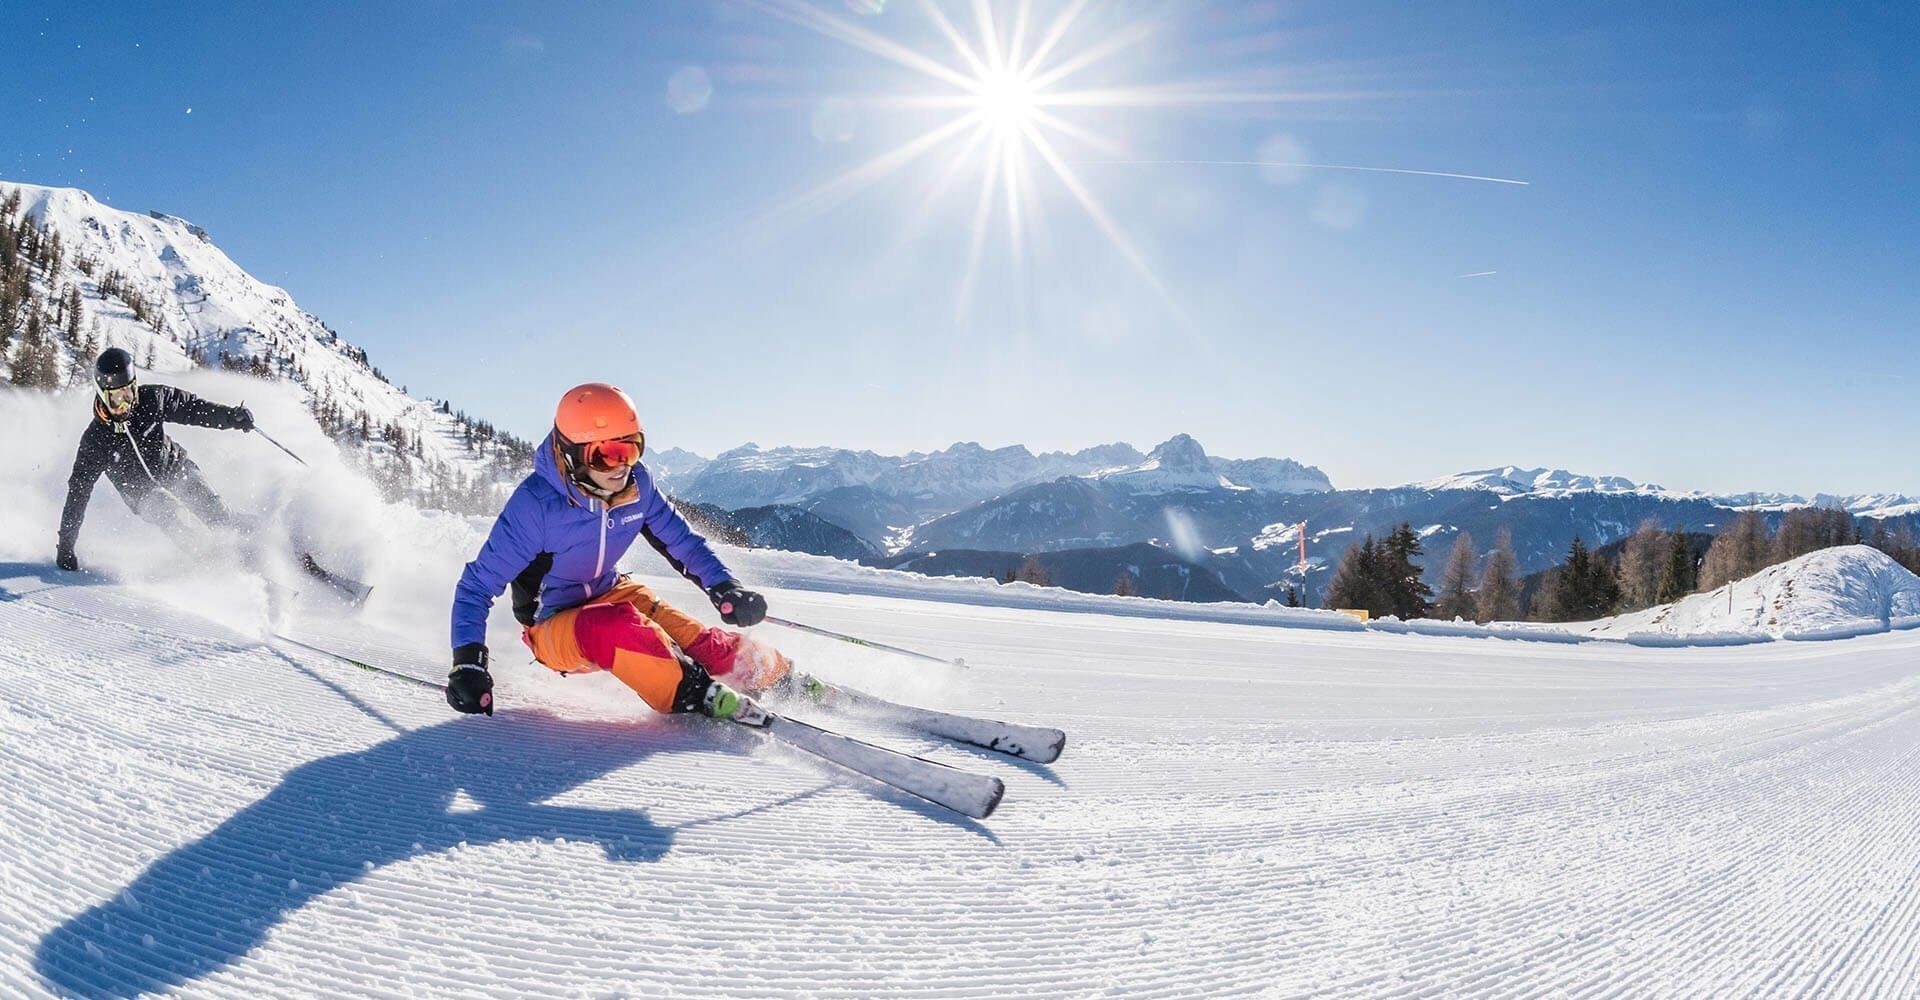 Winterurlaub am Bäckerhof im Gsieser Tal | Skigebiet Kronplatz Südtirol